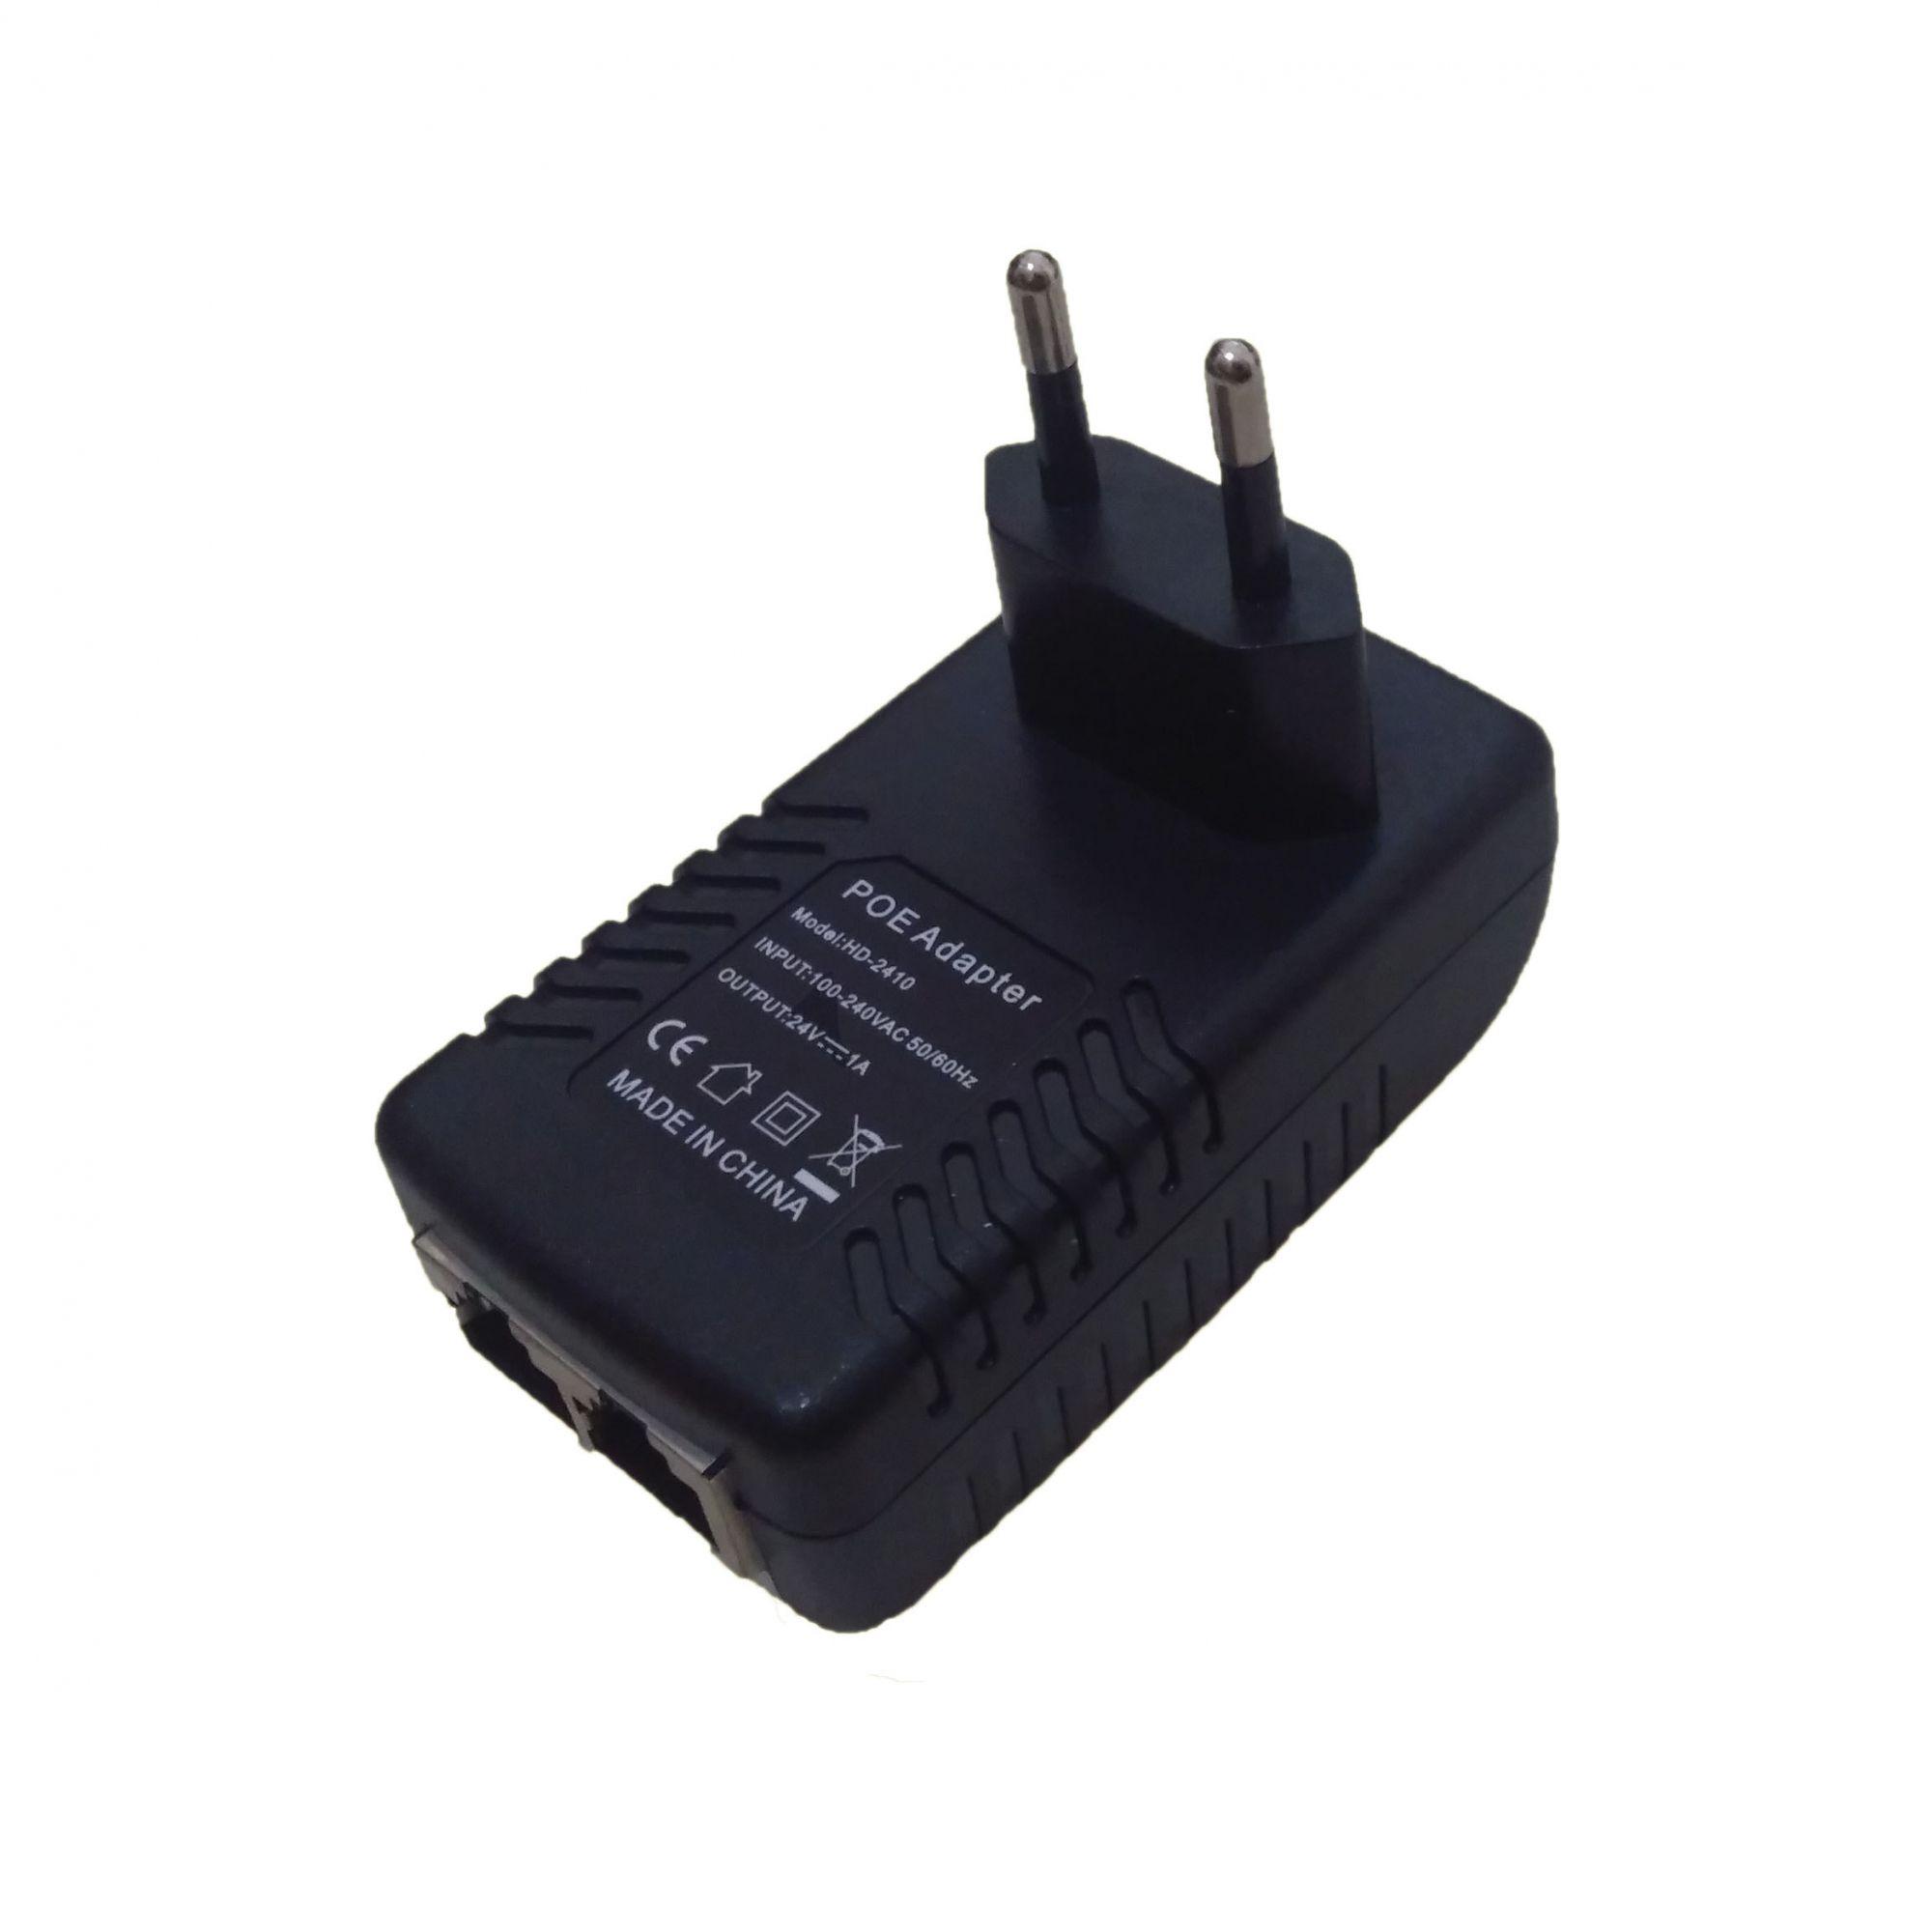 Fonte POE 24V x 1A P/ roteadores rádio Ubiquiti pino padrão BR